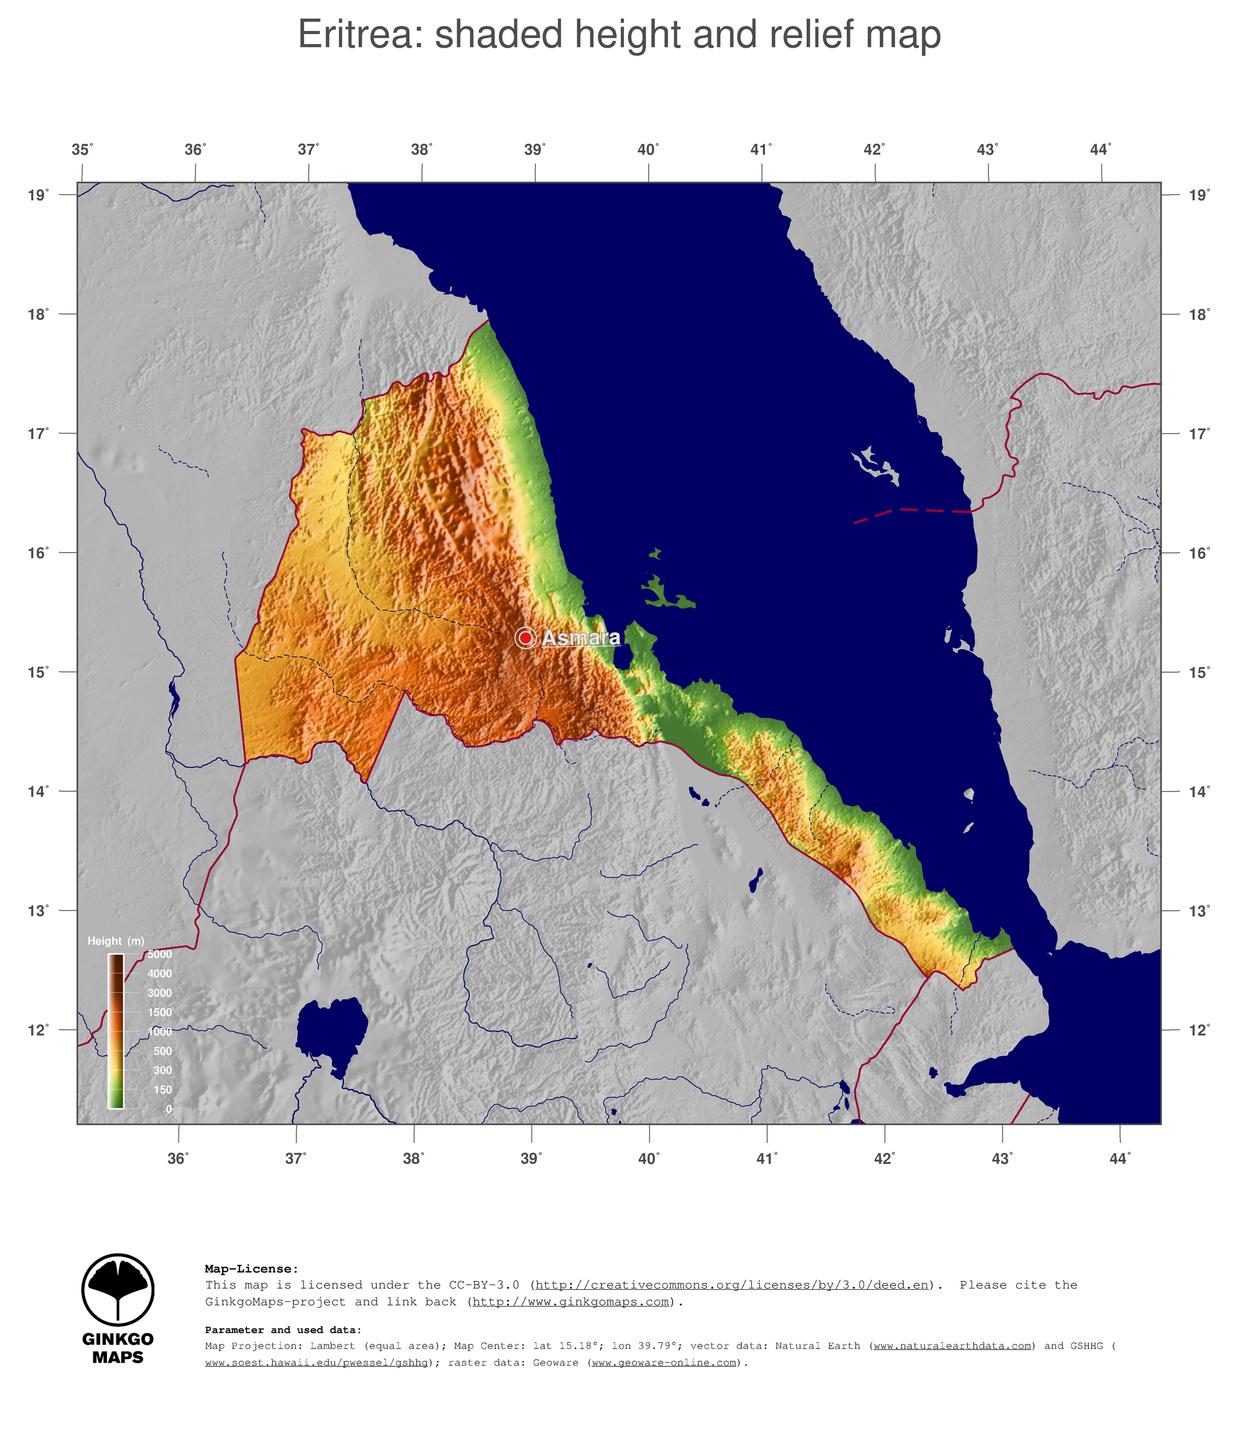 Map Eritrea GinkgoMaps continent Africa region Eritrea